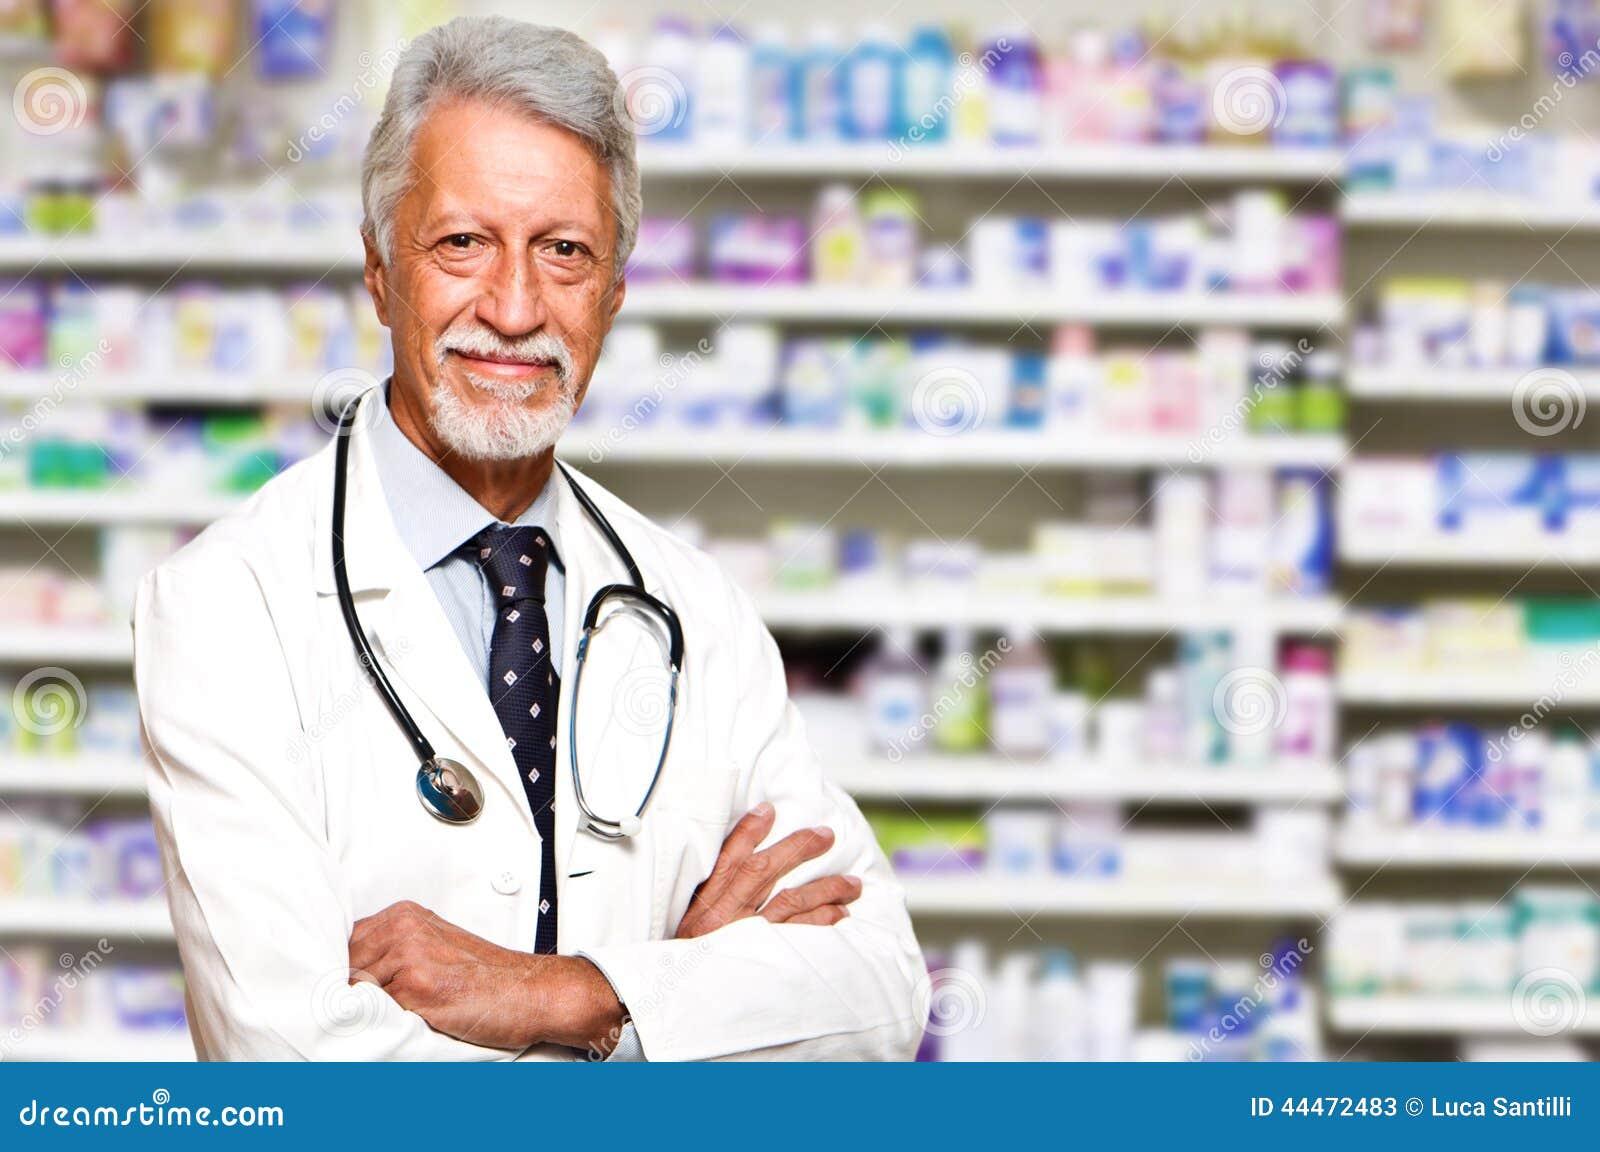 αρσενικός φαρμακοποιός στο φαρμακείο